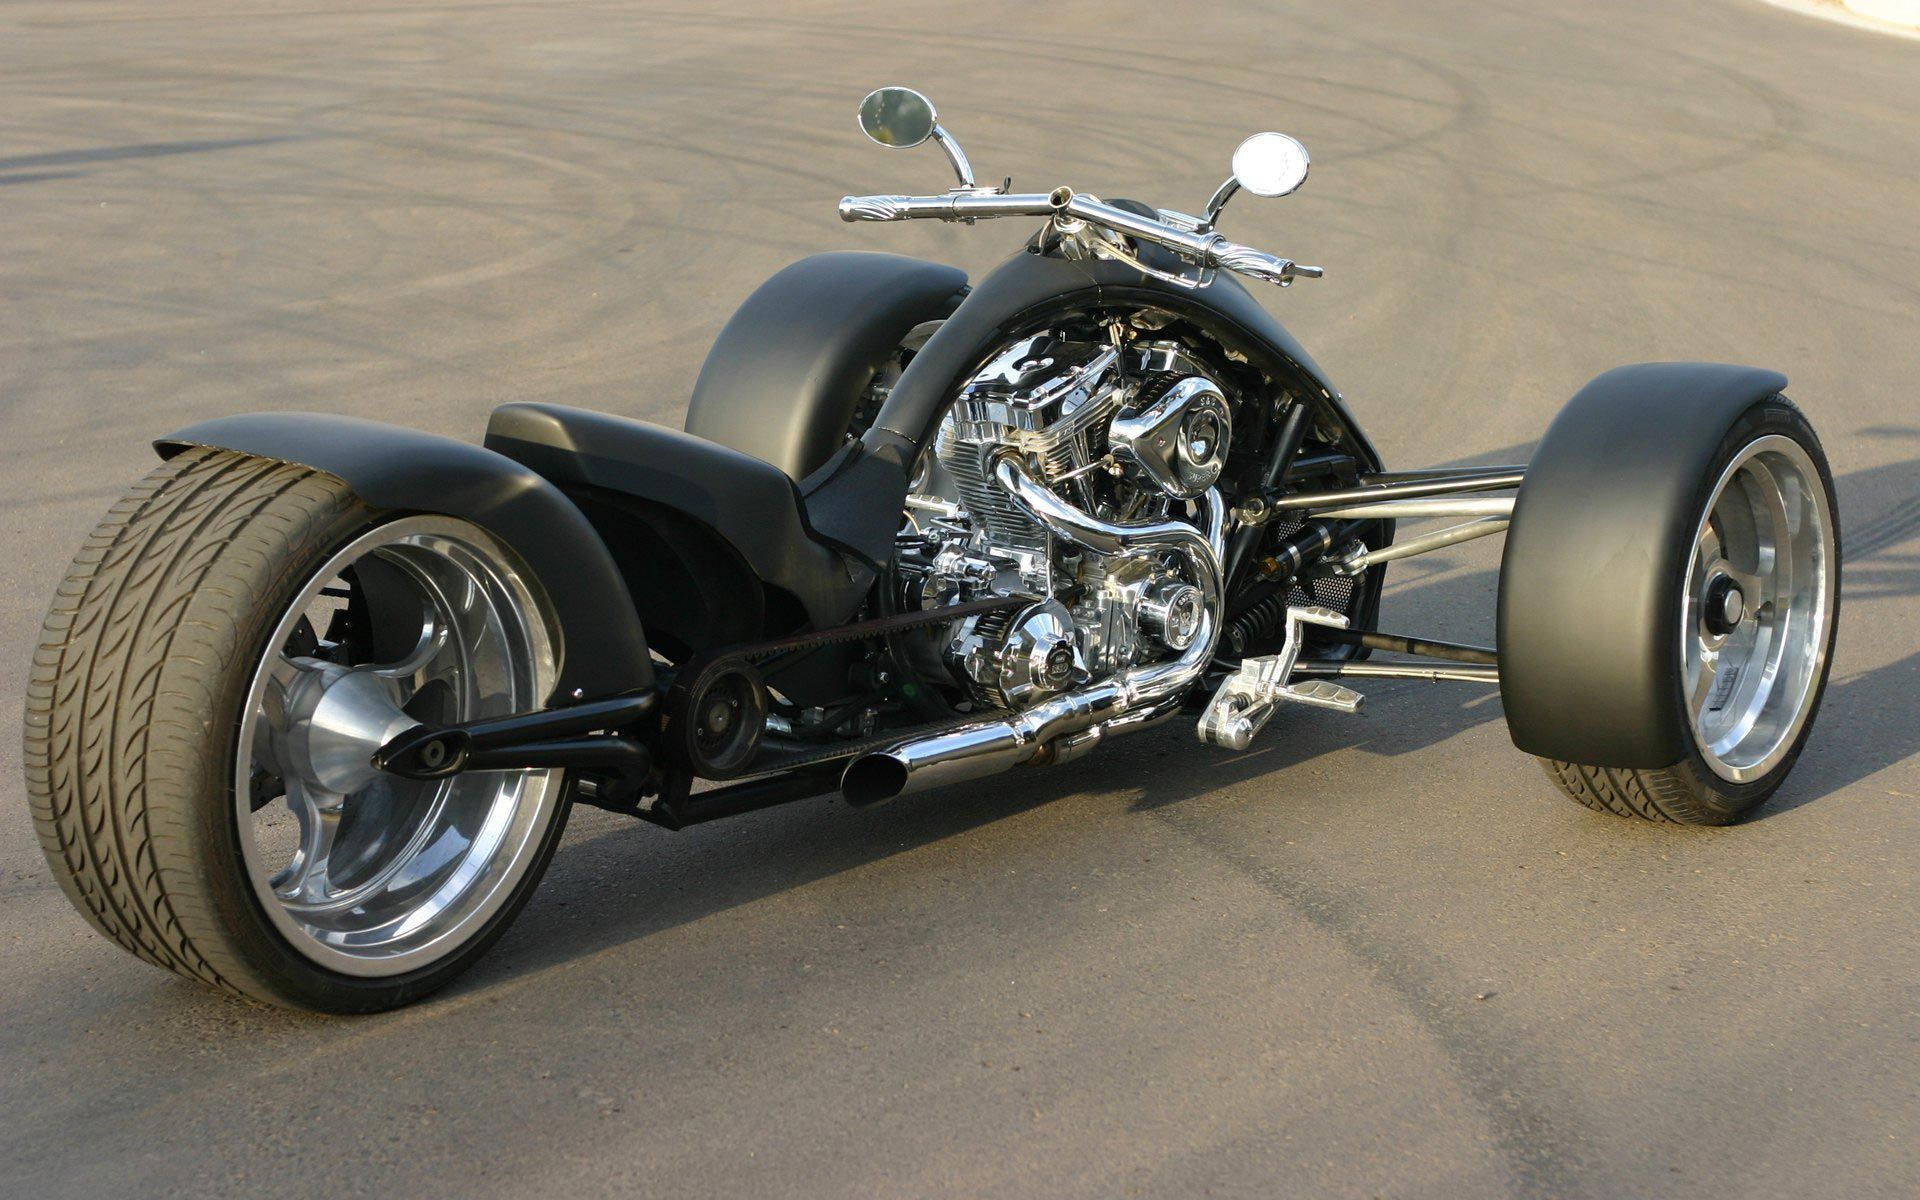 desktop backgrounds motors motorcycles harley. Black Bedroom Furniture Sets. Home Design Ideas